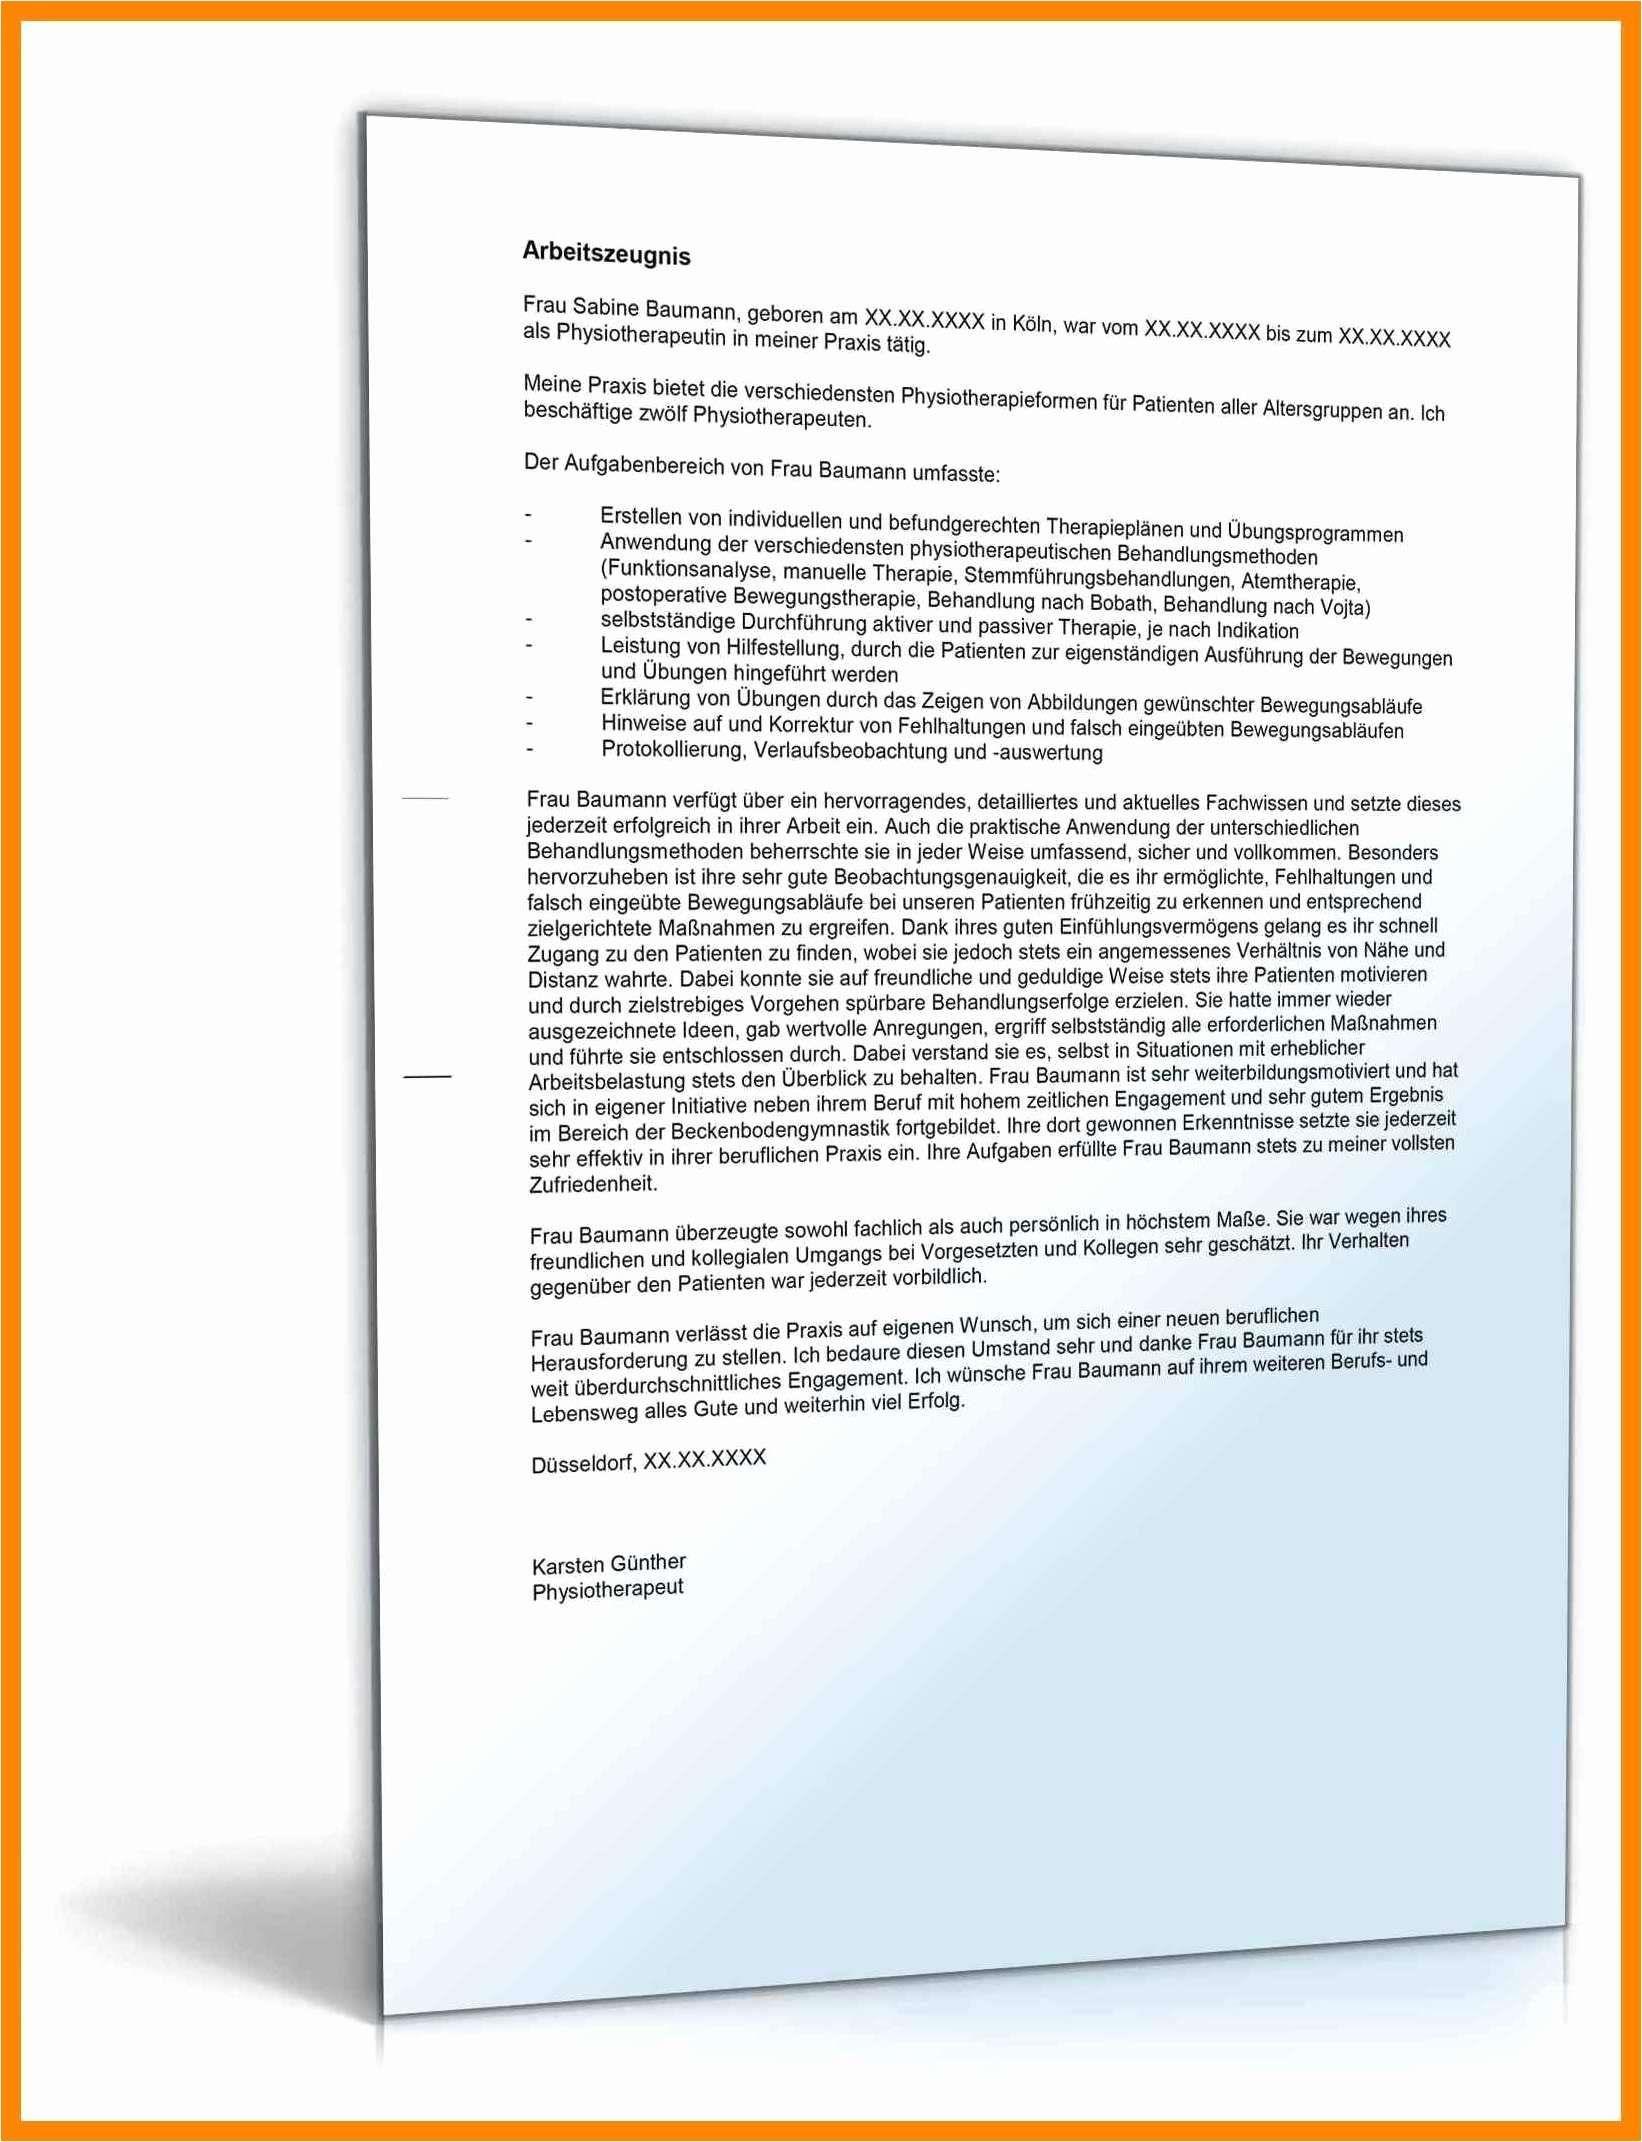 Likeable Vorlage Nachfassbrief Angebot Empfehlungsschreiben Arbeitszeugnis Funktionsanalyse